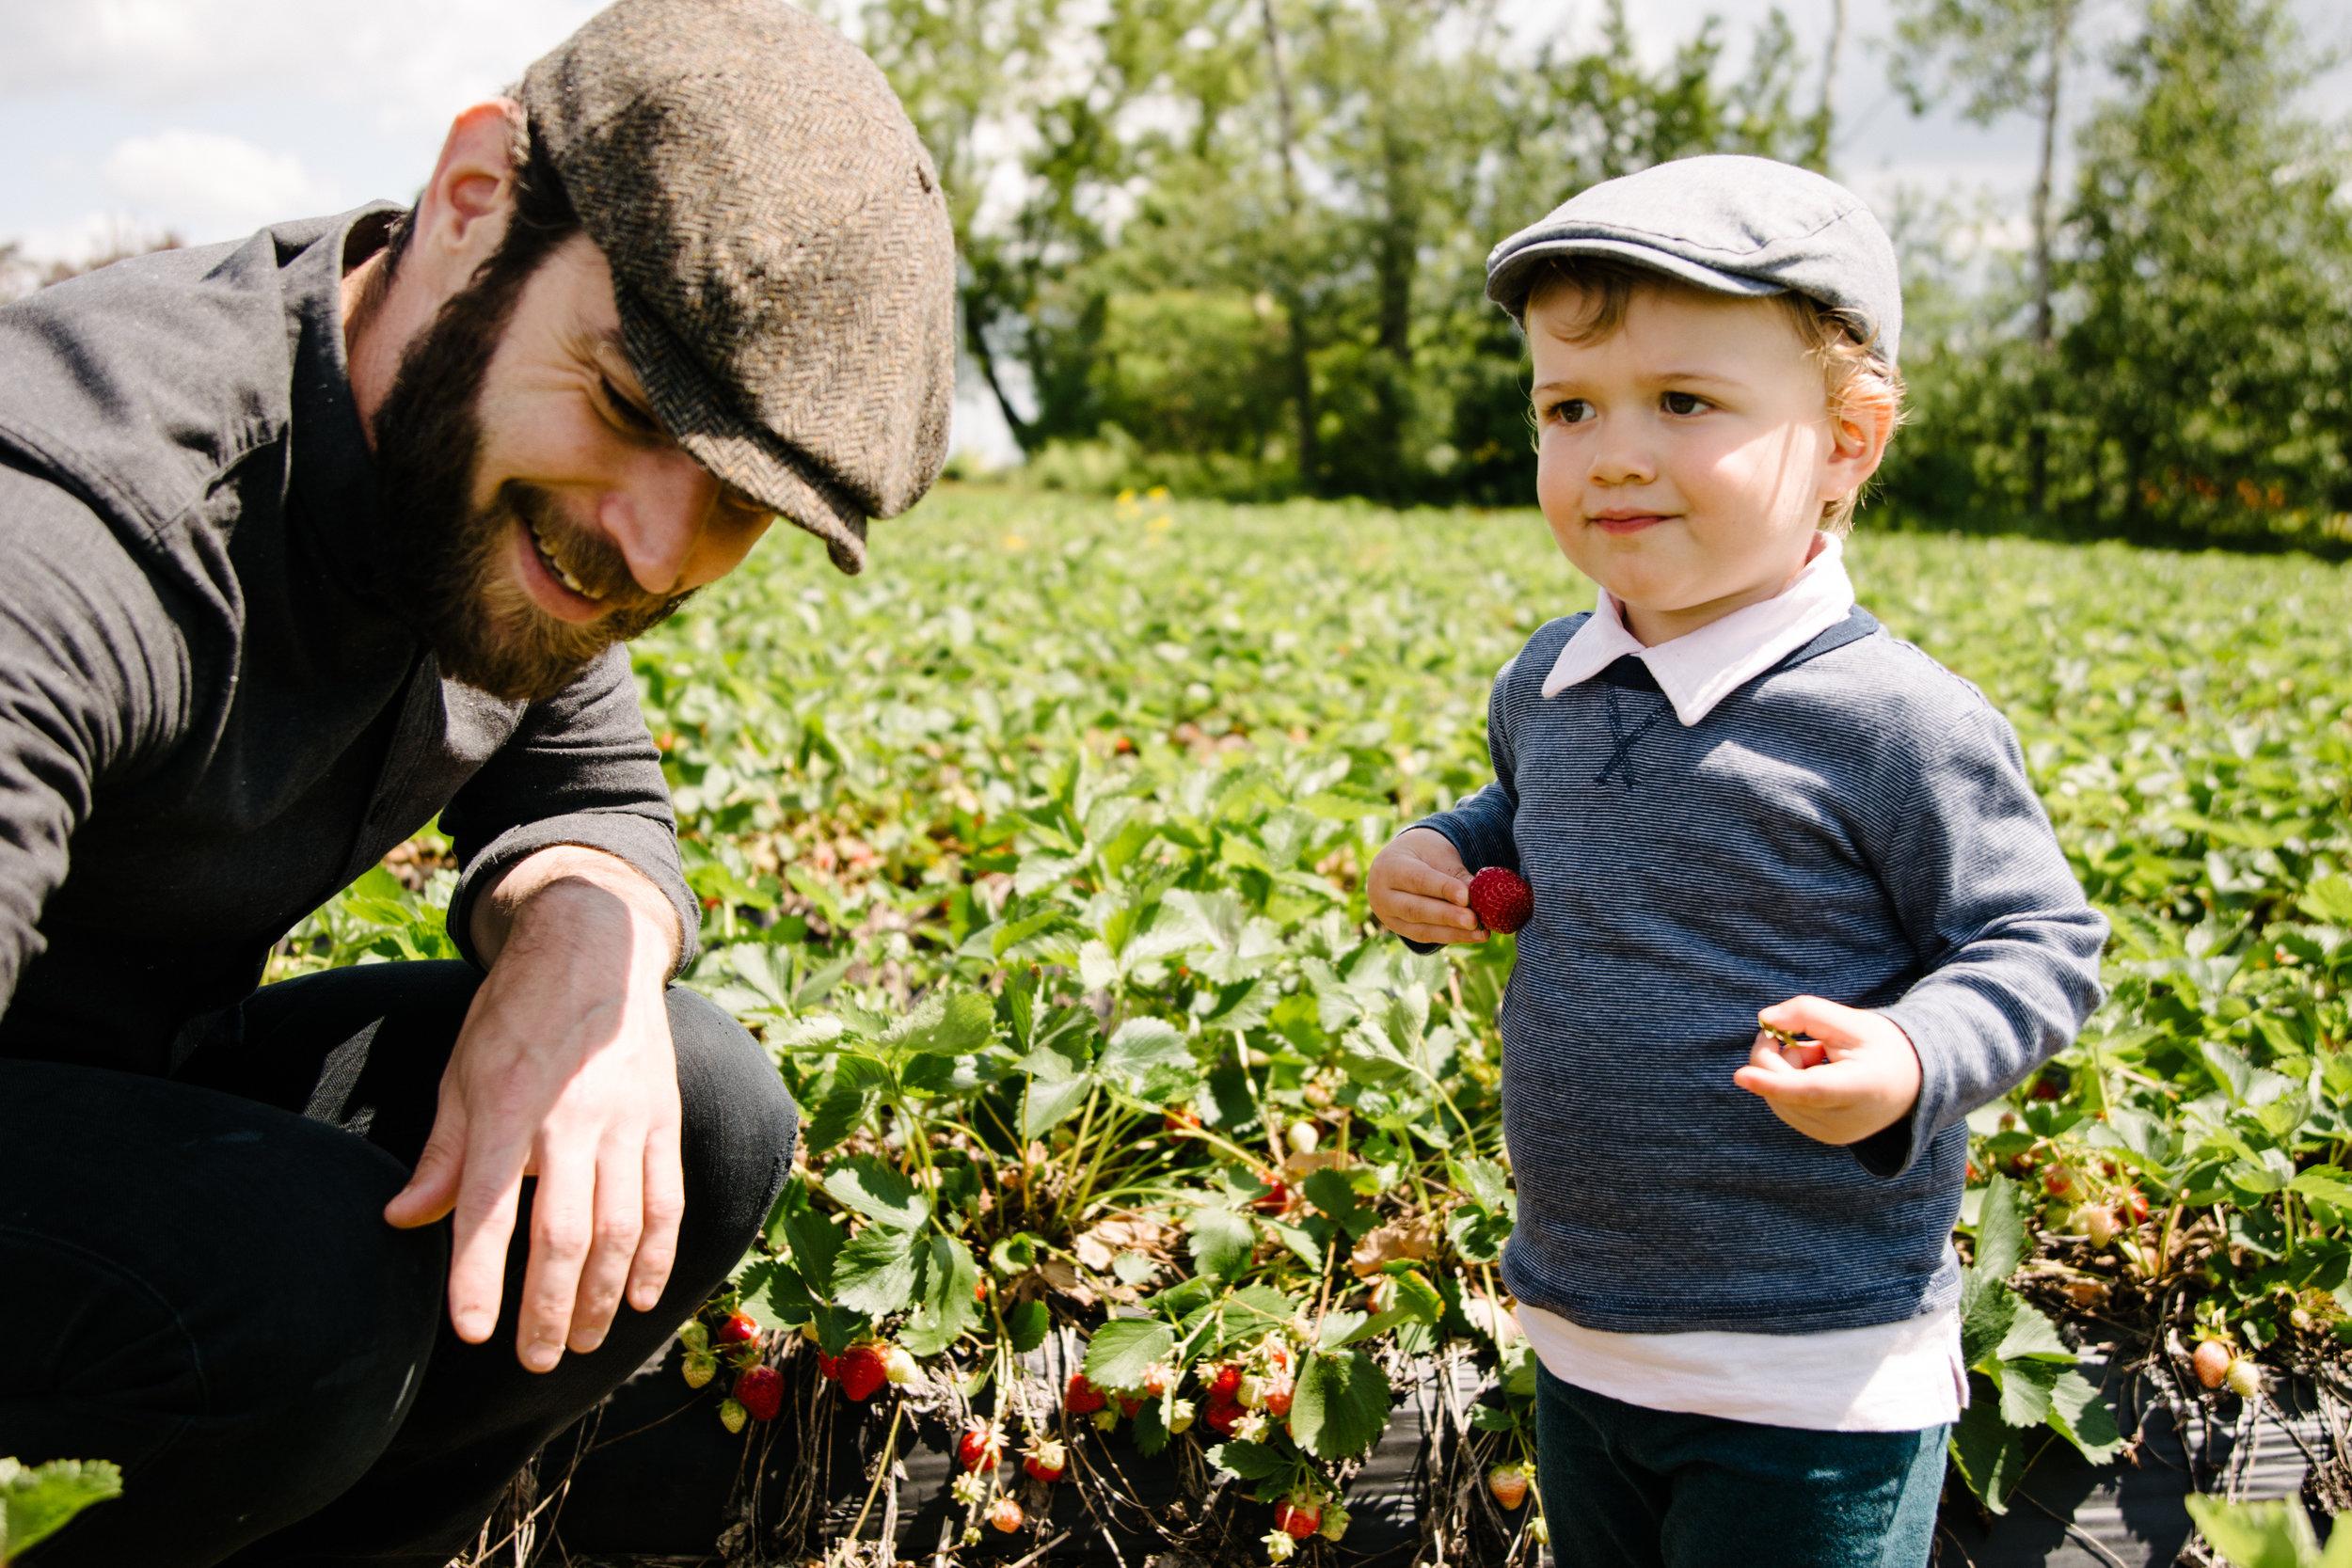 photo-d-un-garcon-qui-cueille-des-fraises-avec-son-pere-photographe-famille-lifestyle-montreal-victoriaville.jpg